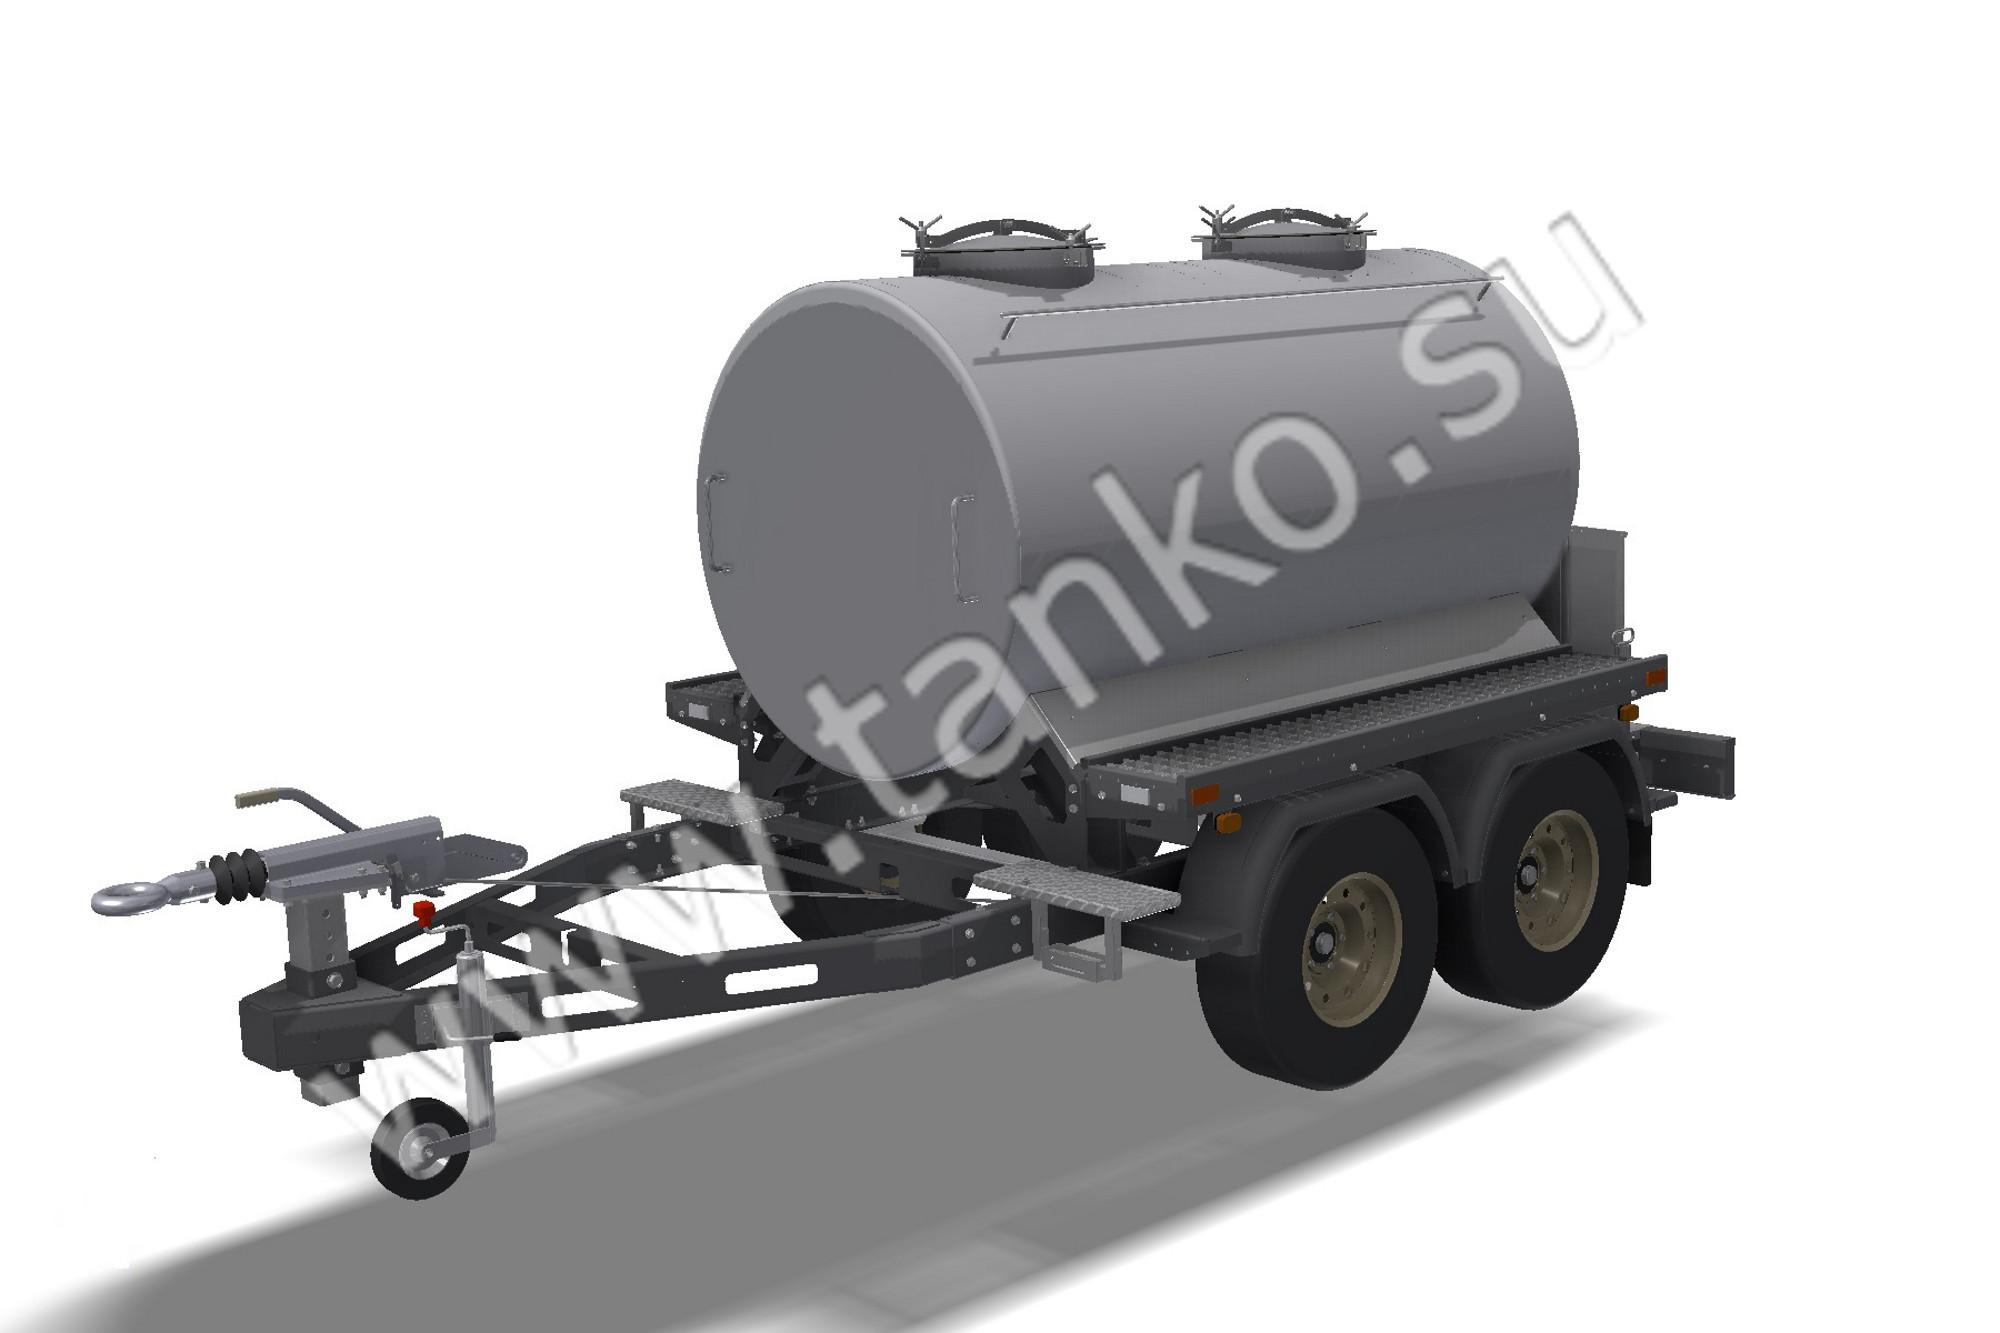 Двухсекционная цистерна на прицепе, прицеп-цистерна молочная, 2000 литров